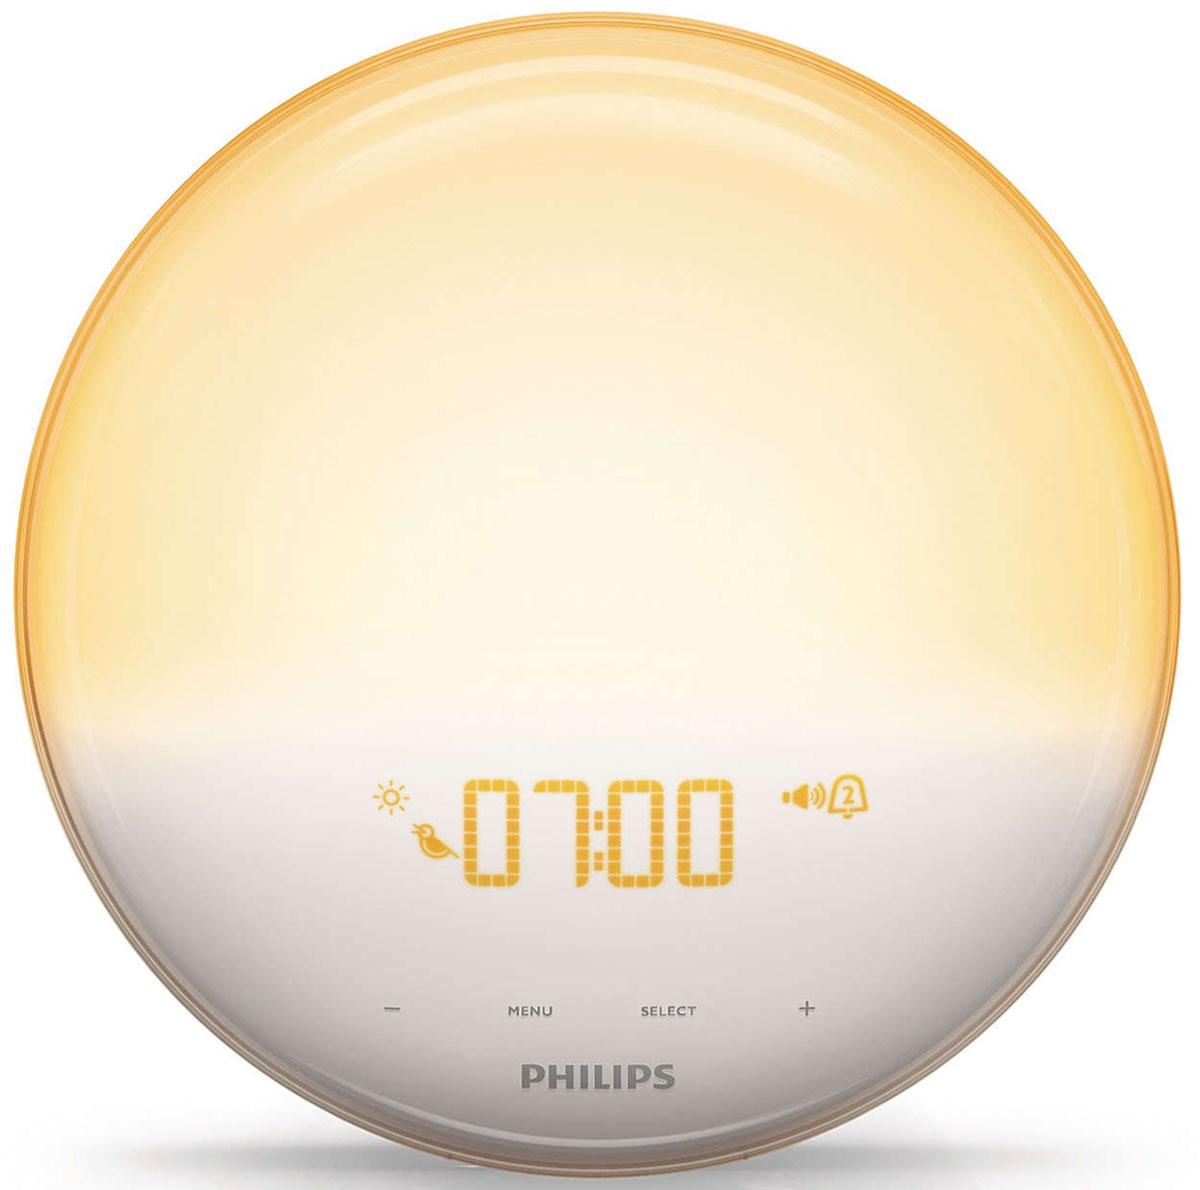 Philips HF3520/70 Wake-up Light световой будильникHF3520/70Идею этого будильника подсказала сама природа. Philips Wake-up Light обеспечивает естественное пробуждение при помощи уникального сочетания света и звука. Теперь Вы будете просыпаться по утрам легче и в хорошем настроенииПостепенное пробуждение благодаря имитации рассвета:Имитируя естественный рассвет солнца, свет постепенно становится ярче: в течение 30 минут он плавно переходит в желтый оттенок дневного света. Такое постепенное нарастание света помогает организму проснуться естественным образом. И только после этого раздается выбранный вами сигнал - один из звуков природы, который позволит вам полностью проснуться в прекрасном настроении.Звуки природы для будильника: 3 сигнала на выбор:В установленное вами время раздастся сигнал - звук природы, помогающий вам окончательно проснуться. Громкость выбранного Вами звука будет постепенно увеличиваться в течение полутора минут. Вы можете выбрать один из трех звуков природы: пение птиц, лесные трели или дзен-сад.Просыпайтесь под звуки любимой радиопередачи благодаря поддержке FM-радио.Погружение в сон с естественно гаснущим светом и приятным звуком:Имитация заката - это функция, которую очень удобно использовать перед сном. Постепенно гаснущий свет и утихающая природная мелодия помогут вам погрузиться в спокойный и приятный сон. Продолжительность этой функции вы можете установить сами.Единственный световой будильник, эффективность которого доказана клинически:На сегодняшний день будильник Philips Wake-up Light - единственный будильник, чья эффективность доказана научно. Стремясь к тому, чтобы будильник Wake-up Light помогал Вам проснуться как можно более естественным образом и заряжал Вас бодростью, мы провели множество клинических исследований. Мы привлекали к исследованиям независимые научные организации, изучившие влияние света на процесс пробуждения в целом. Так мы получили доказательство того, что световой будильник Philips Wake-up Light - это не только естес